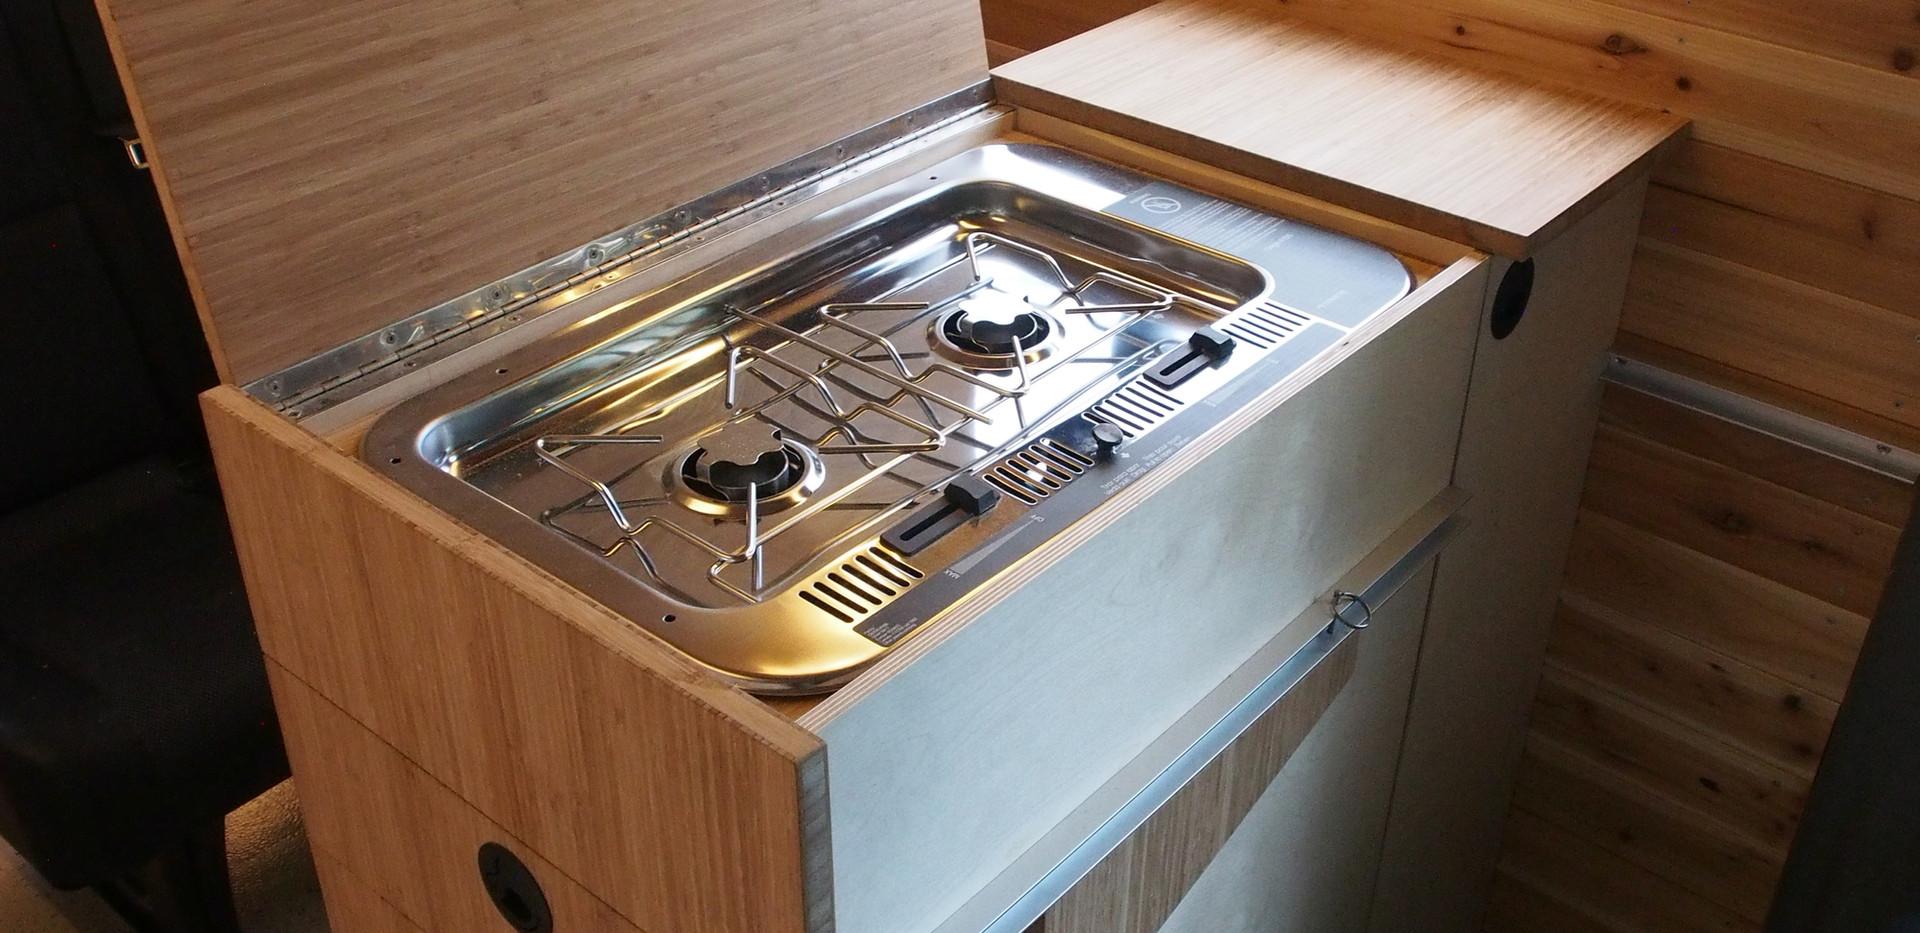 Sarah & Ryan's stove